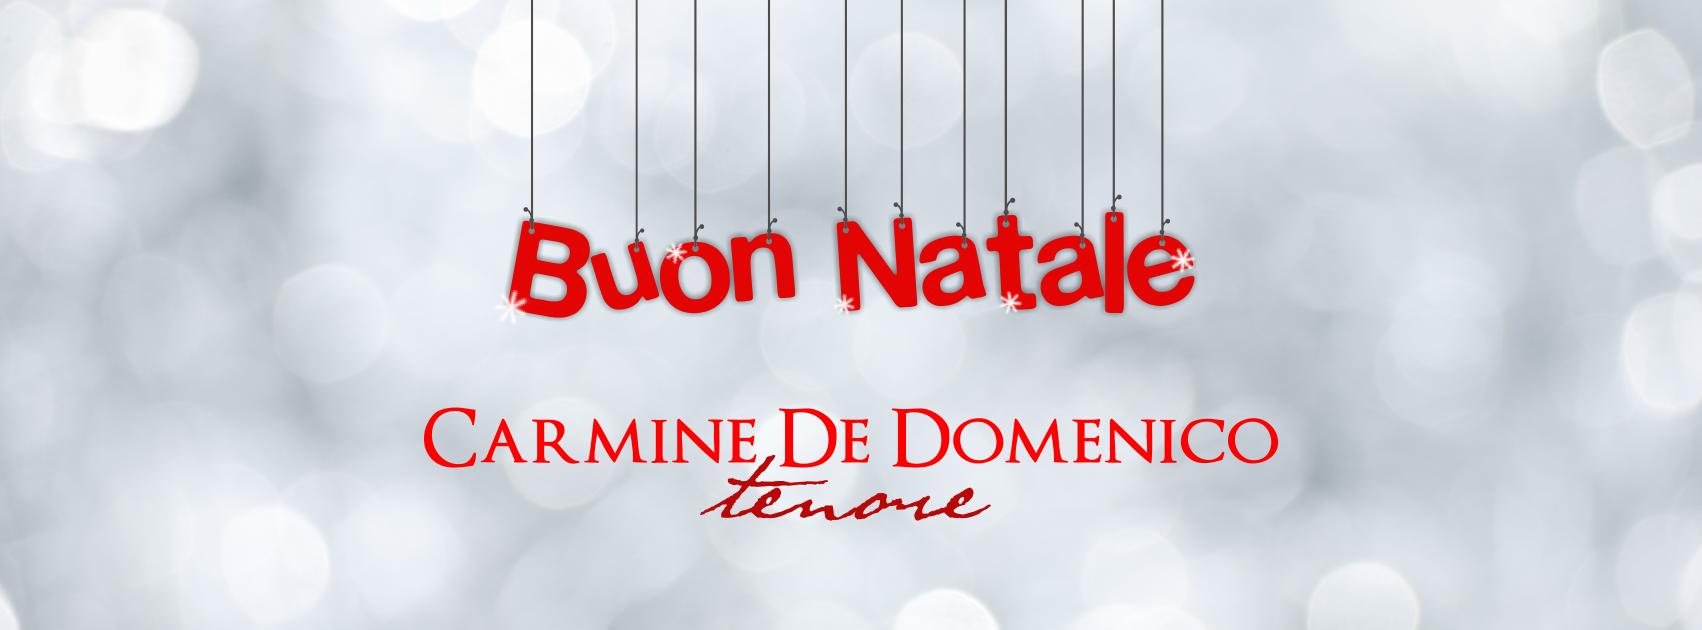 BUON NATALE DA CARMINE DE DOMENICO